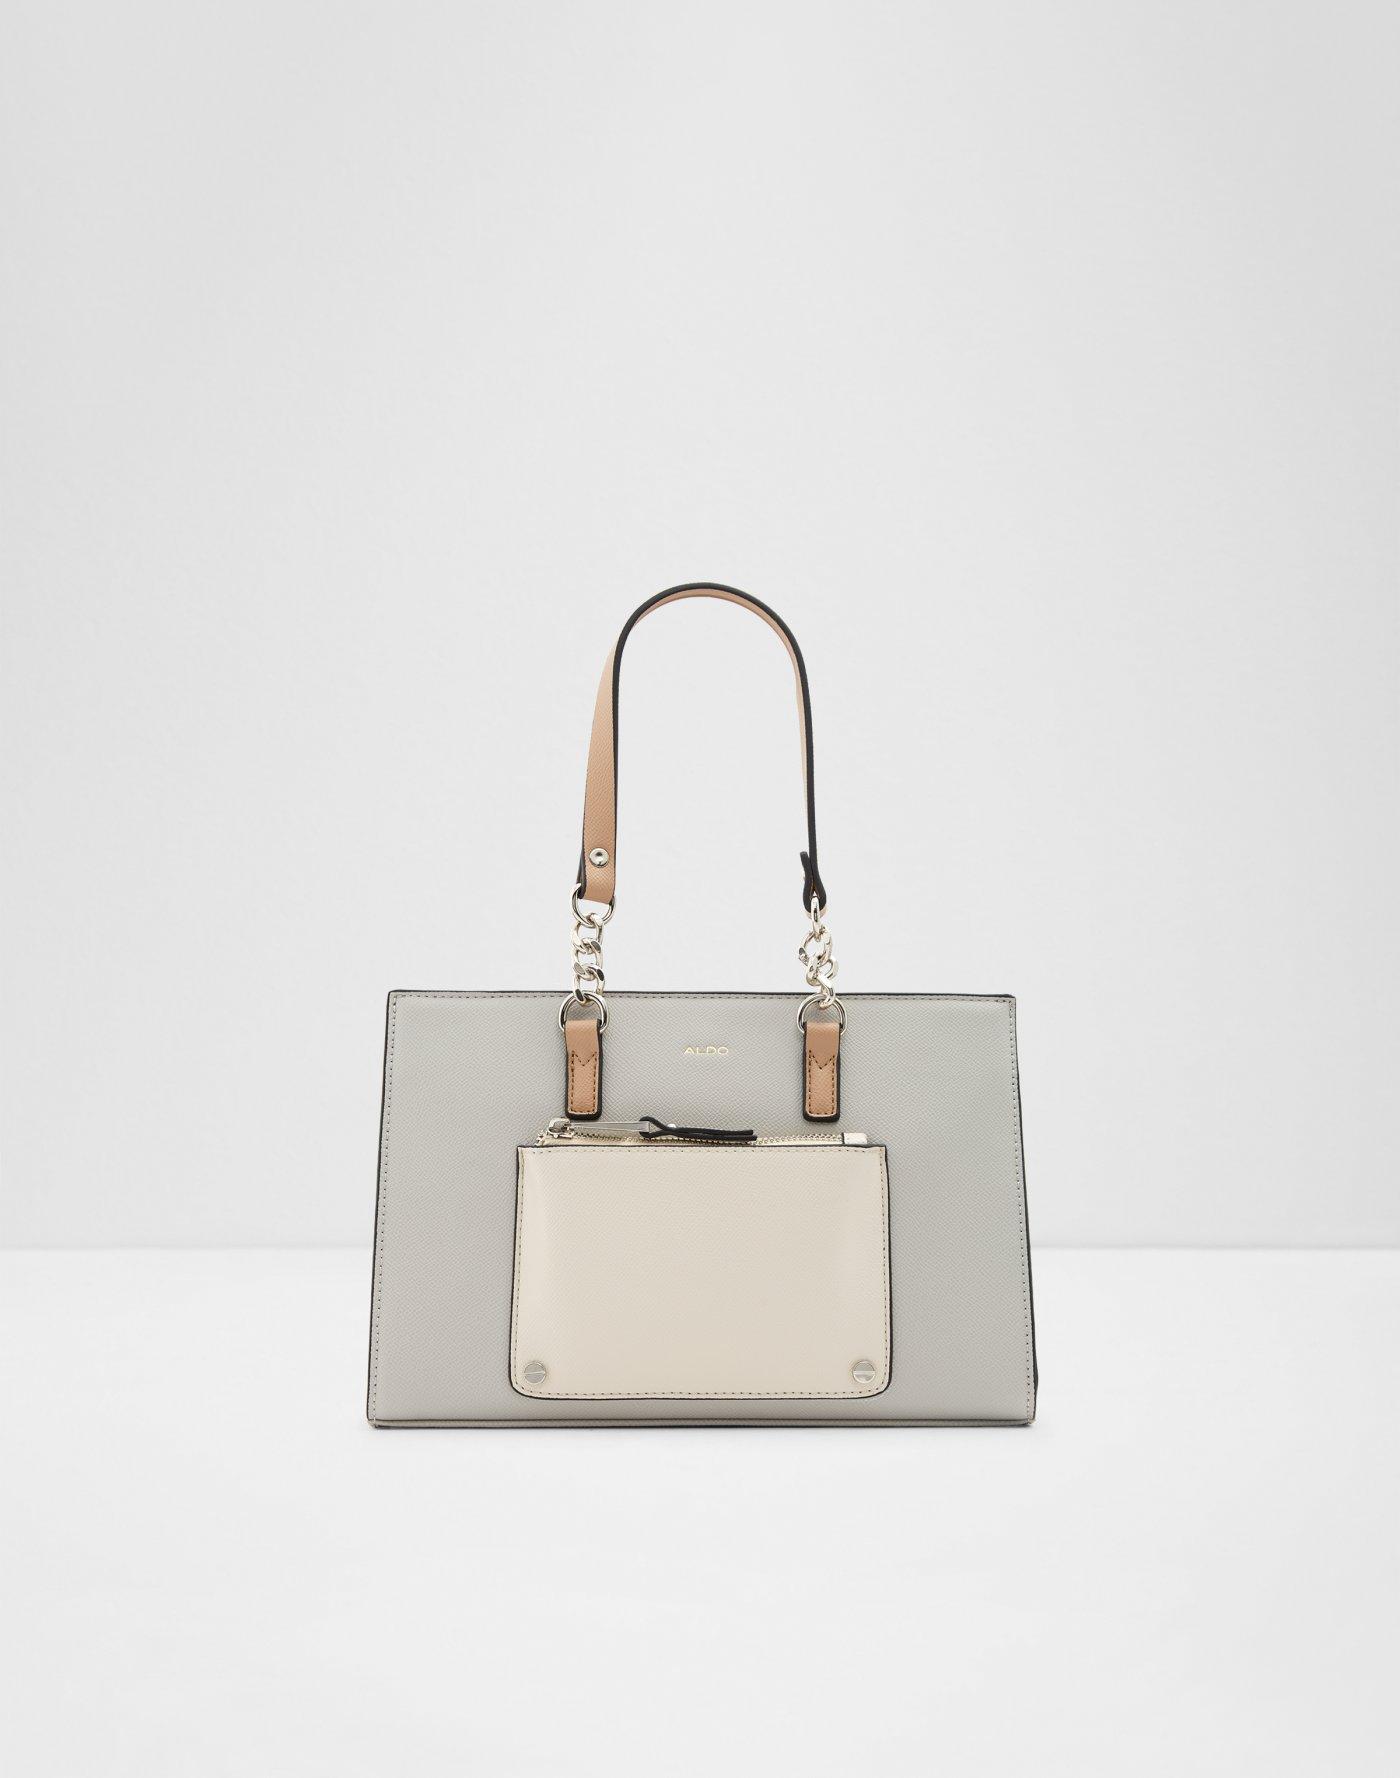 452828e18a5 All Handbags | ALDO Canada